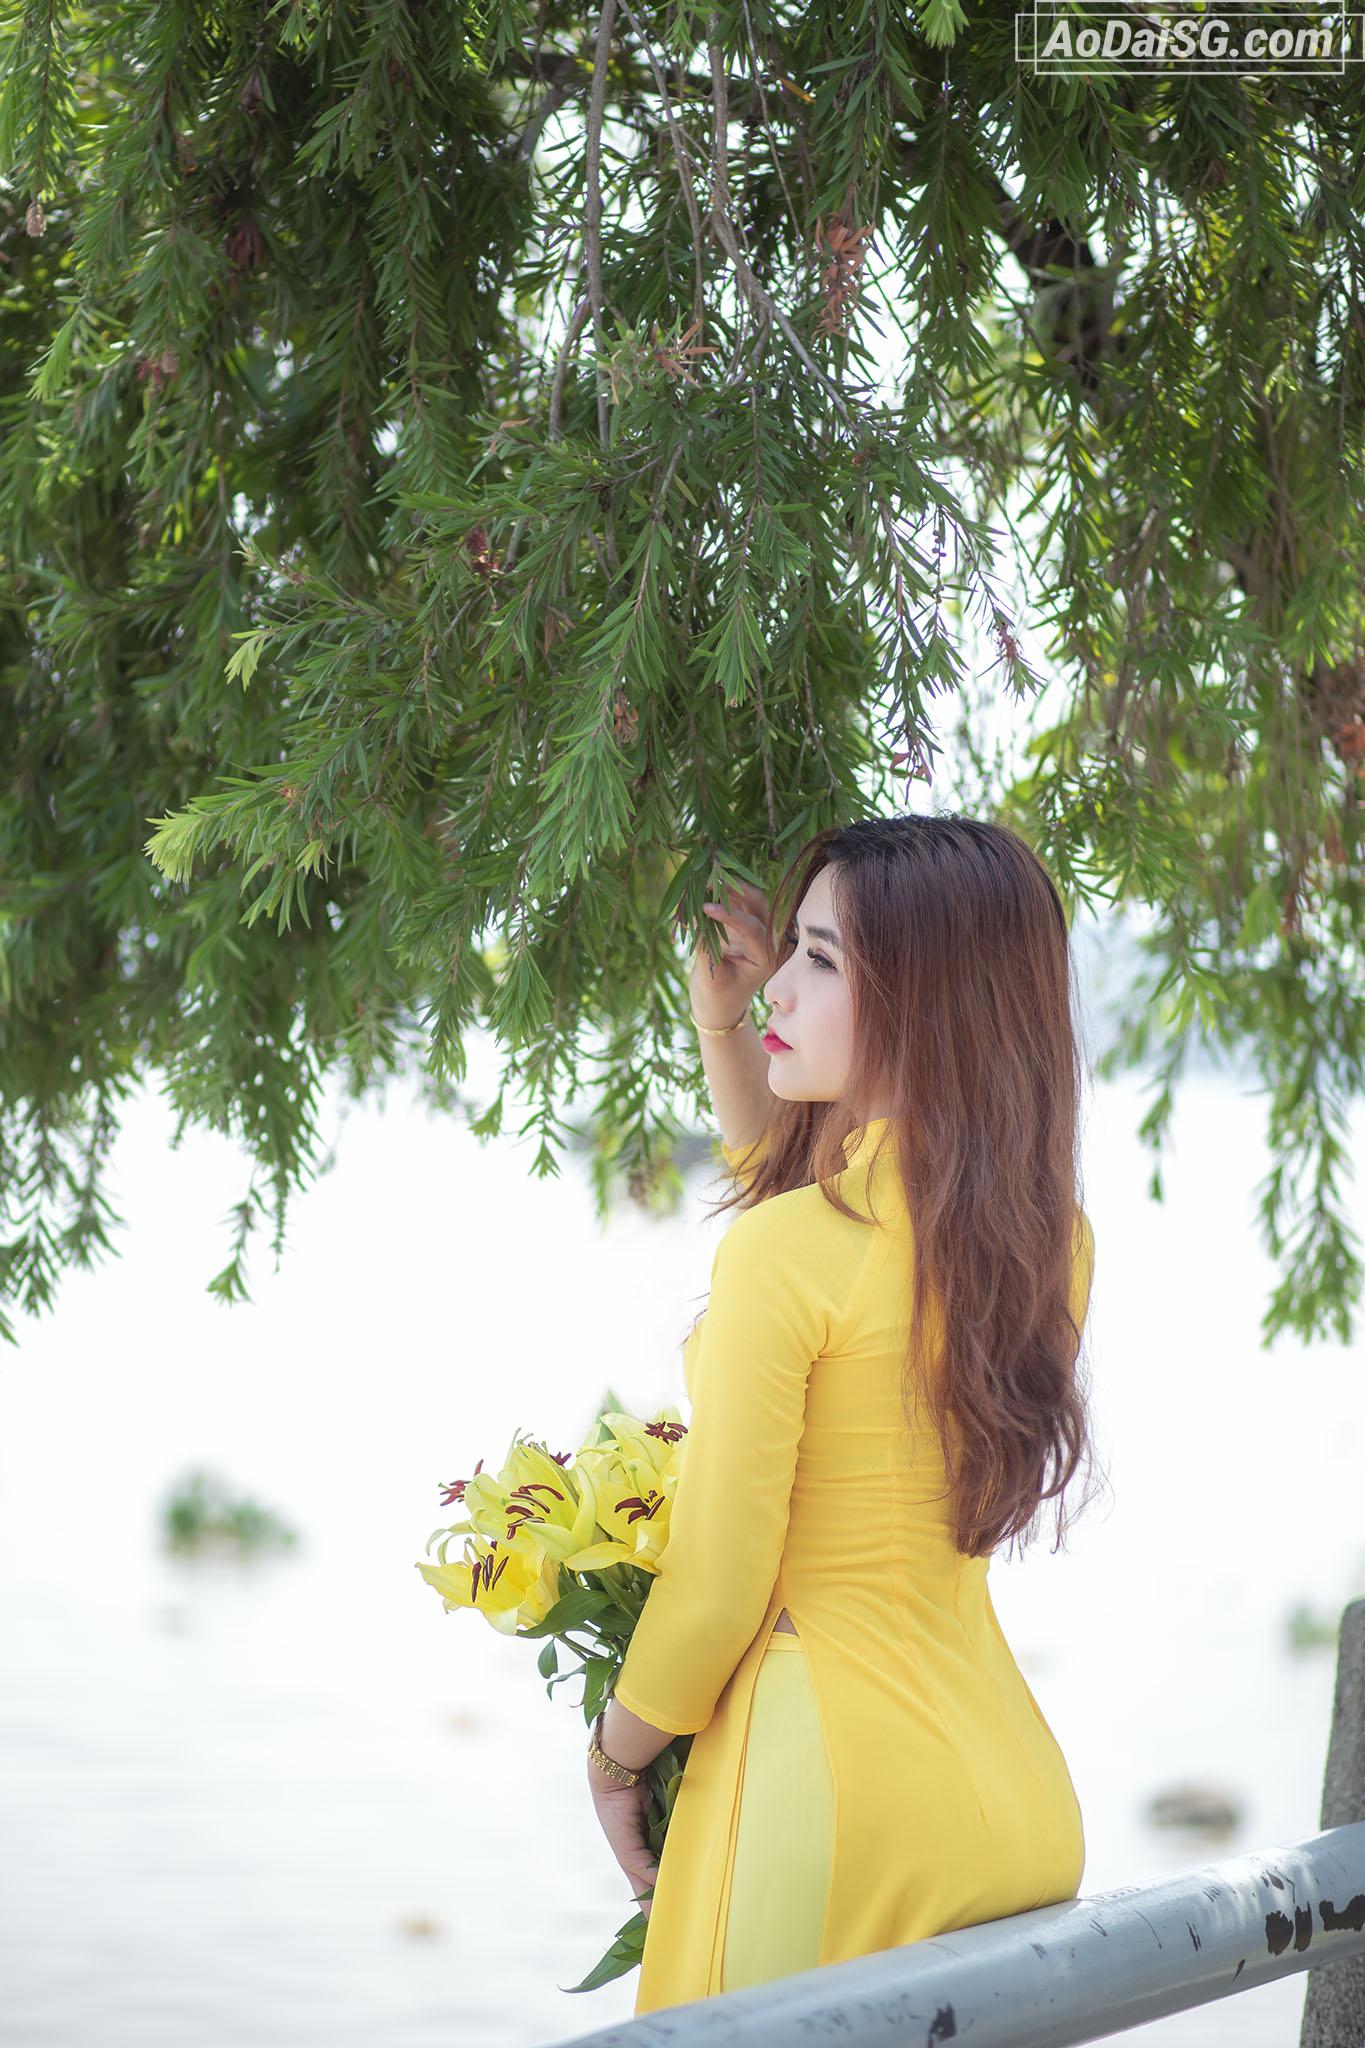 Chụp hình áo dài ở bờ kênh Sài Gòn